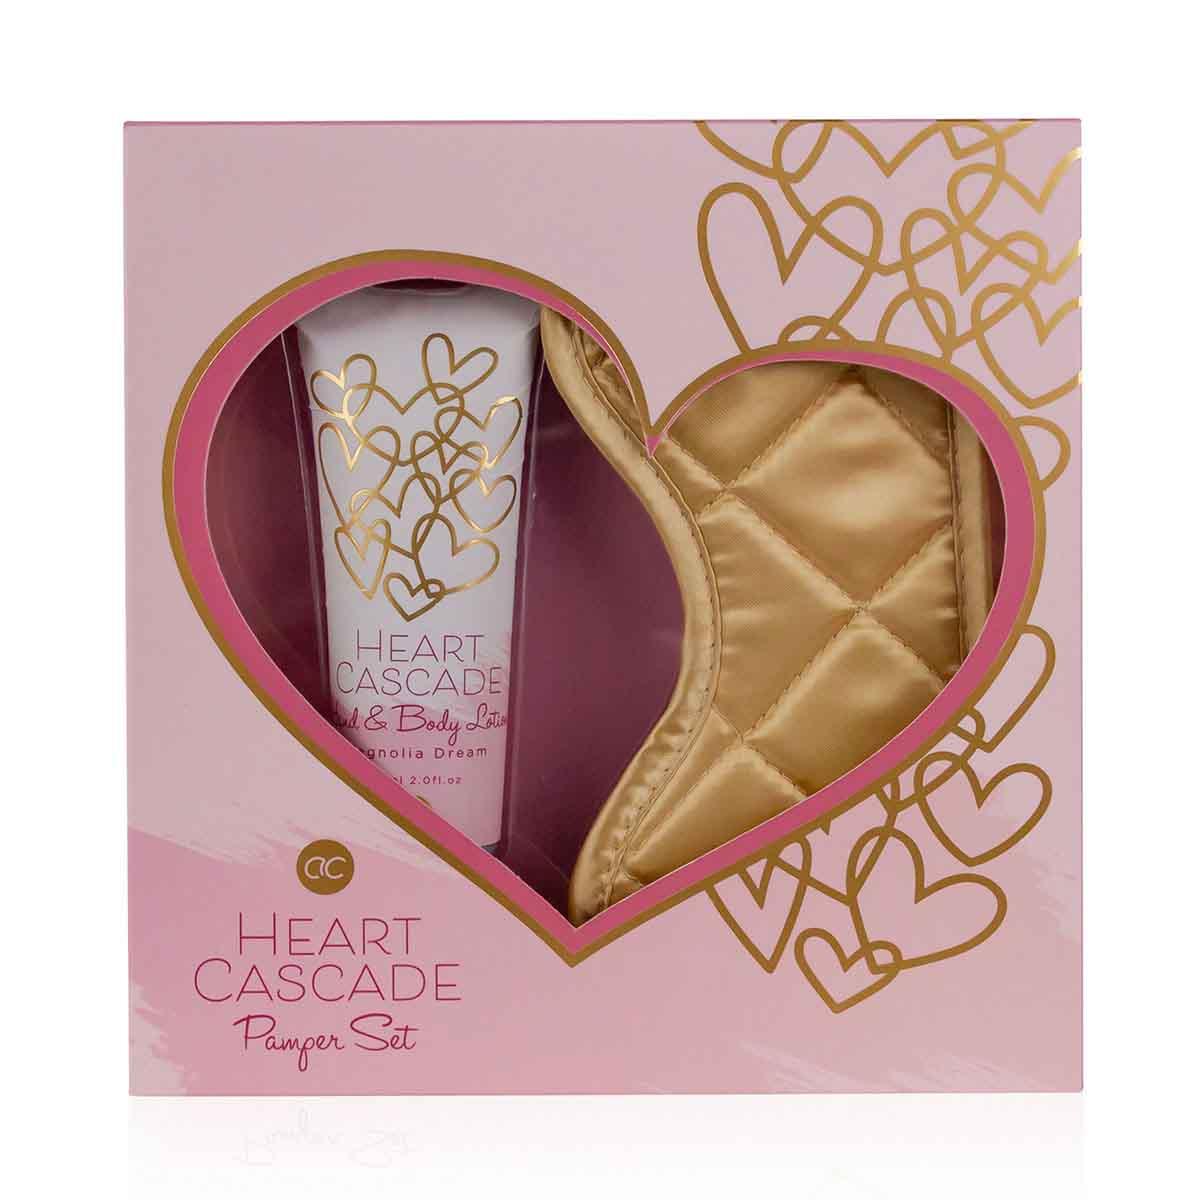 Poklon set iz HEART CASCADE u papirnom poklon pakovanju